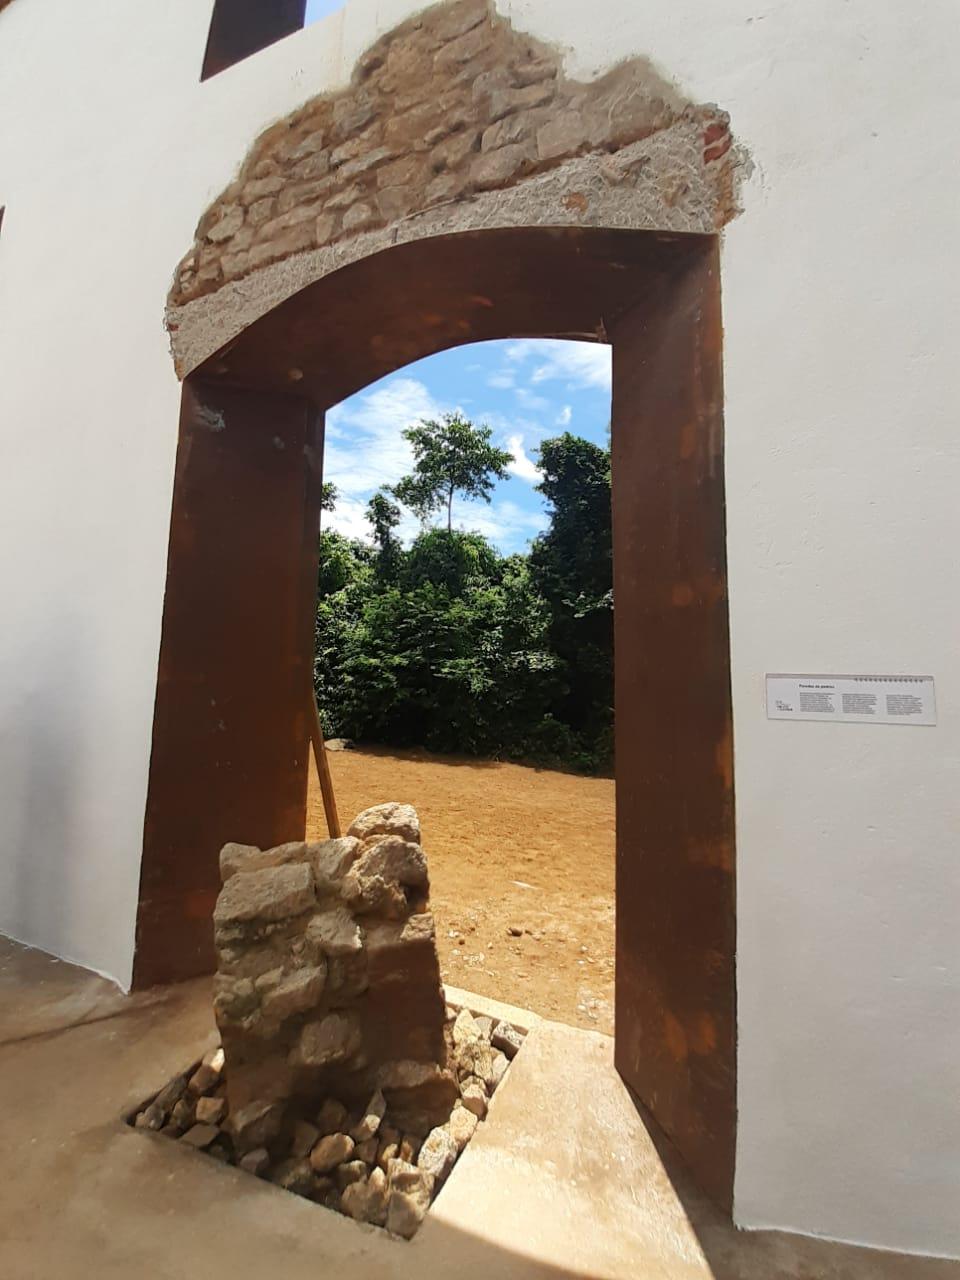 A fundação das paredes tinham bases reforçadas com pedras irregulares vindas de leitos de rio e depósitos marinhos assentadas com argamassa composta por argila, cal e areia, entre outros. Foto: Vinicius Arruda